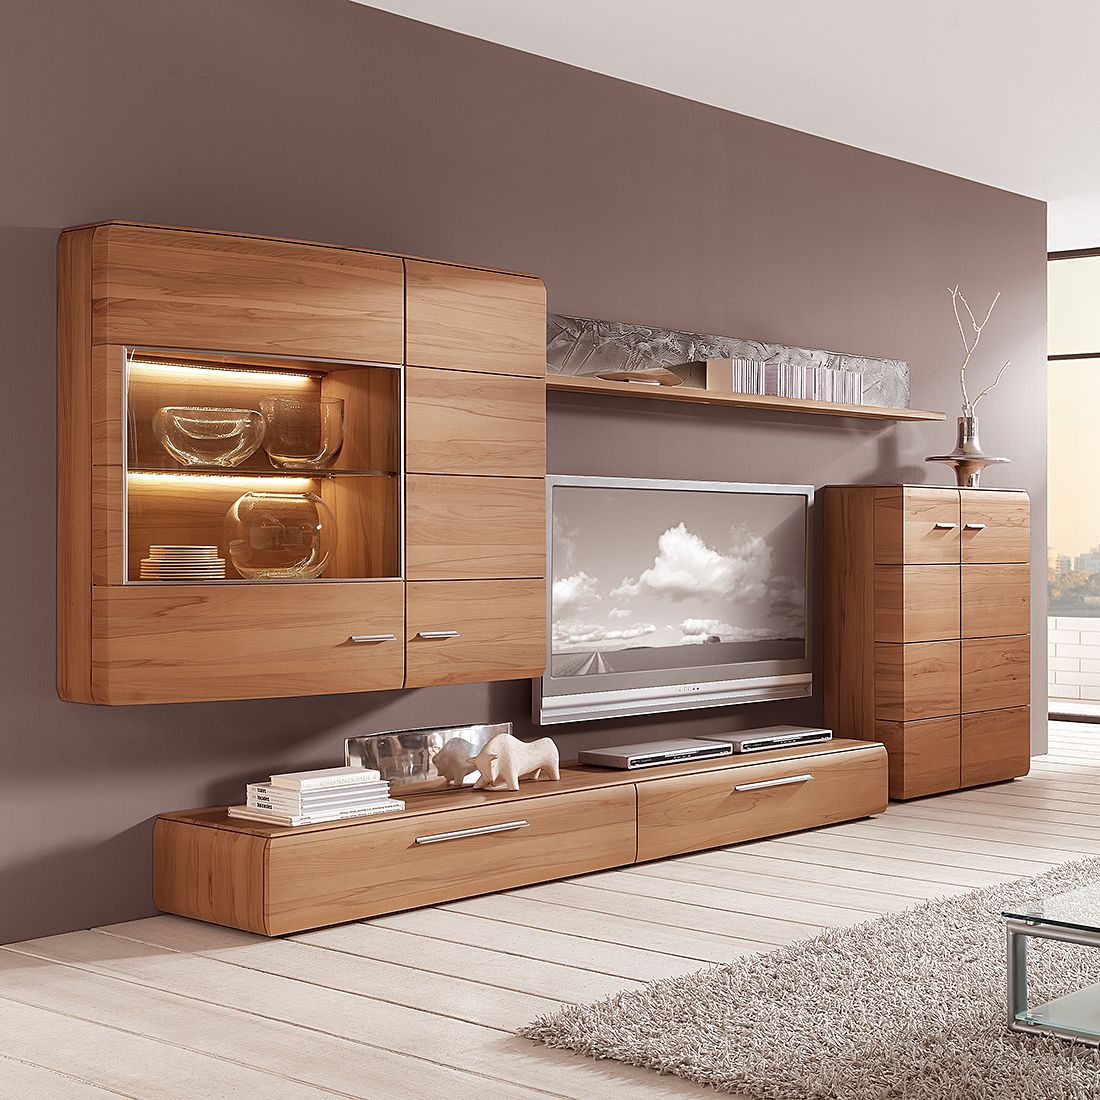 eek a wohnwand trento iii 4 teilig kernbuche massiv mit beleuchtung hartmann kaufen. Black Bedroom Furniture Sets. Home Design Ideas